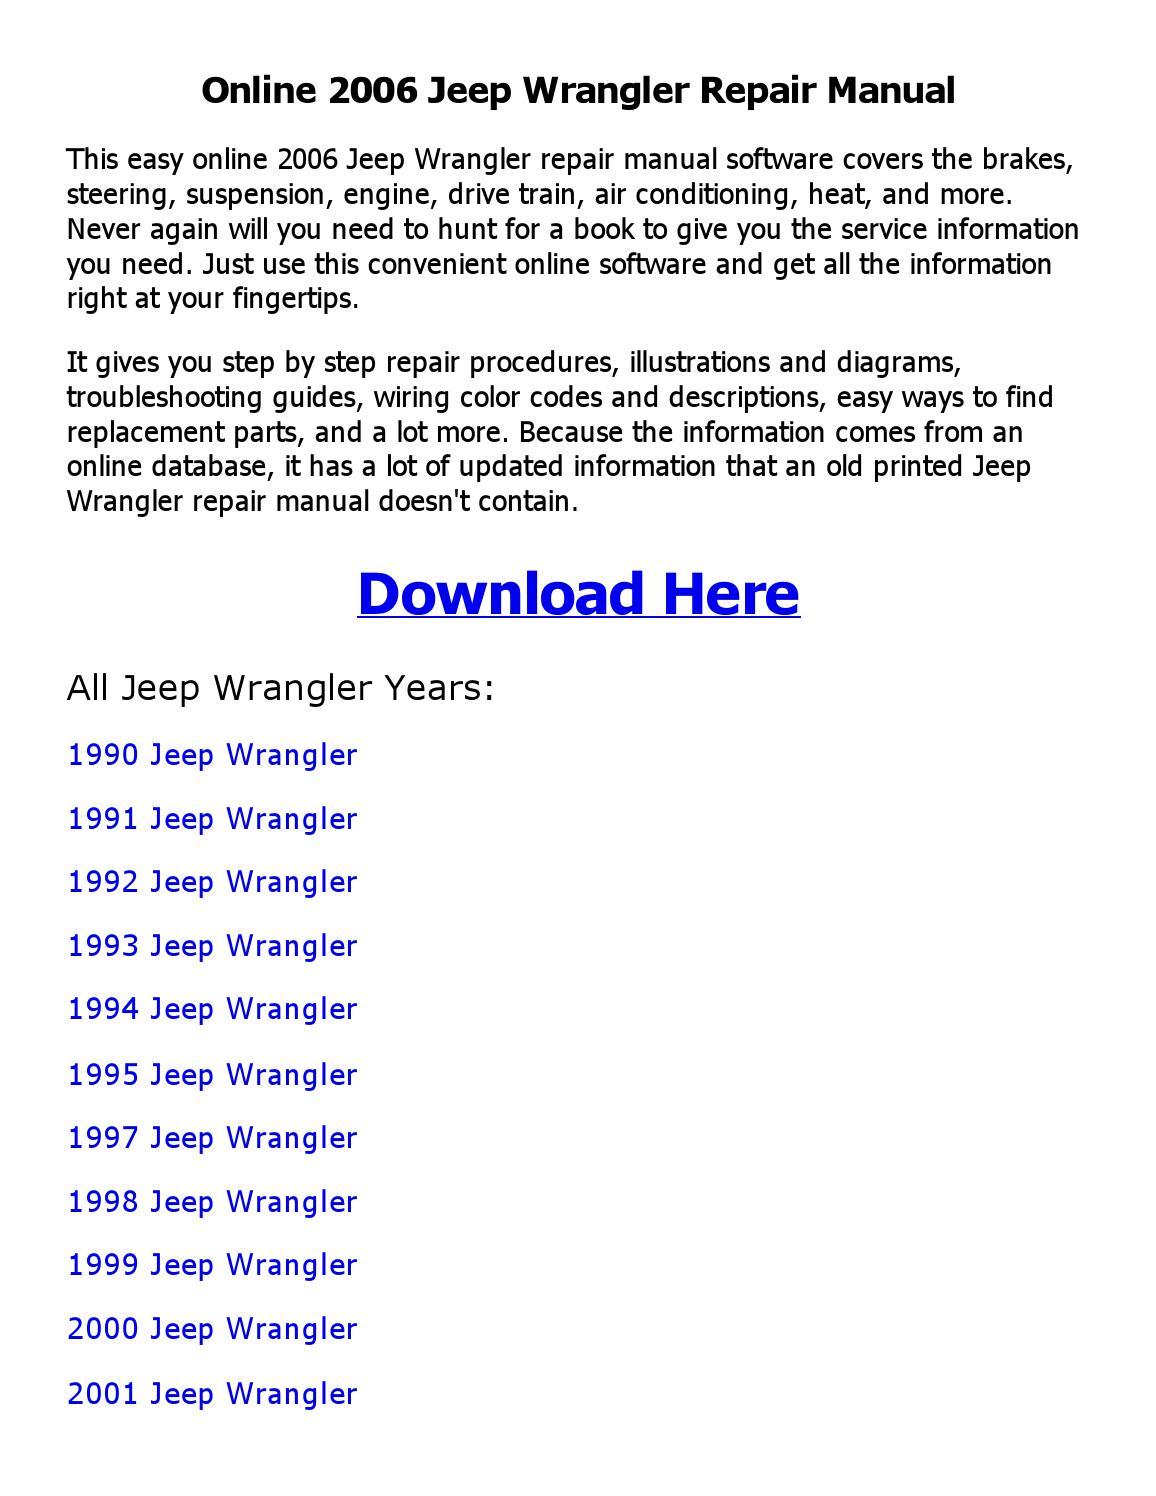 Jeep wrangler repair manual online